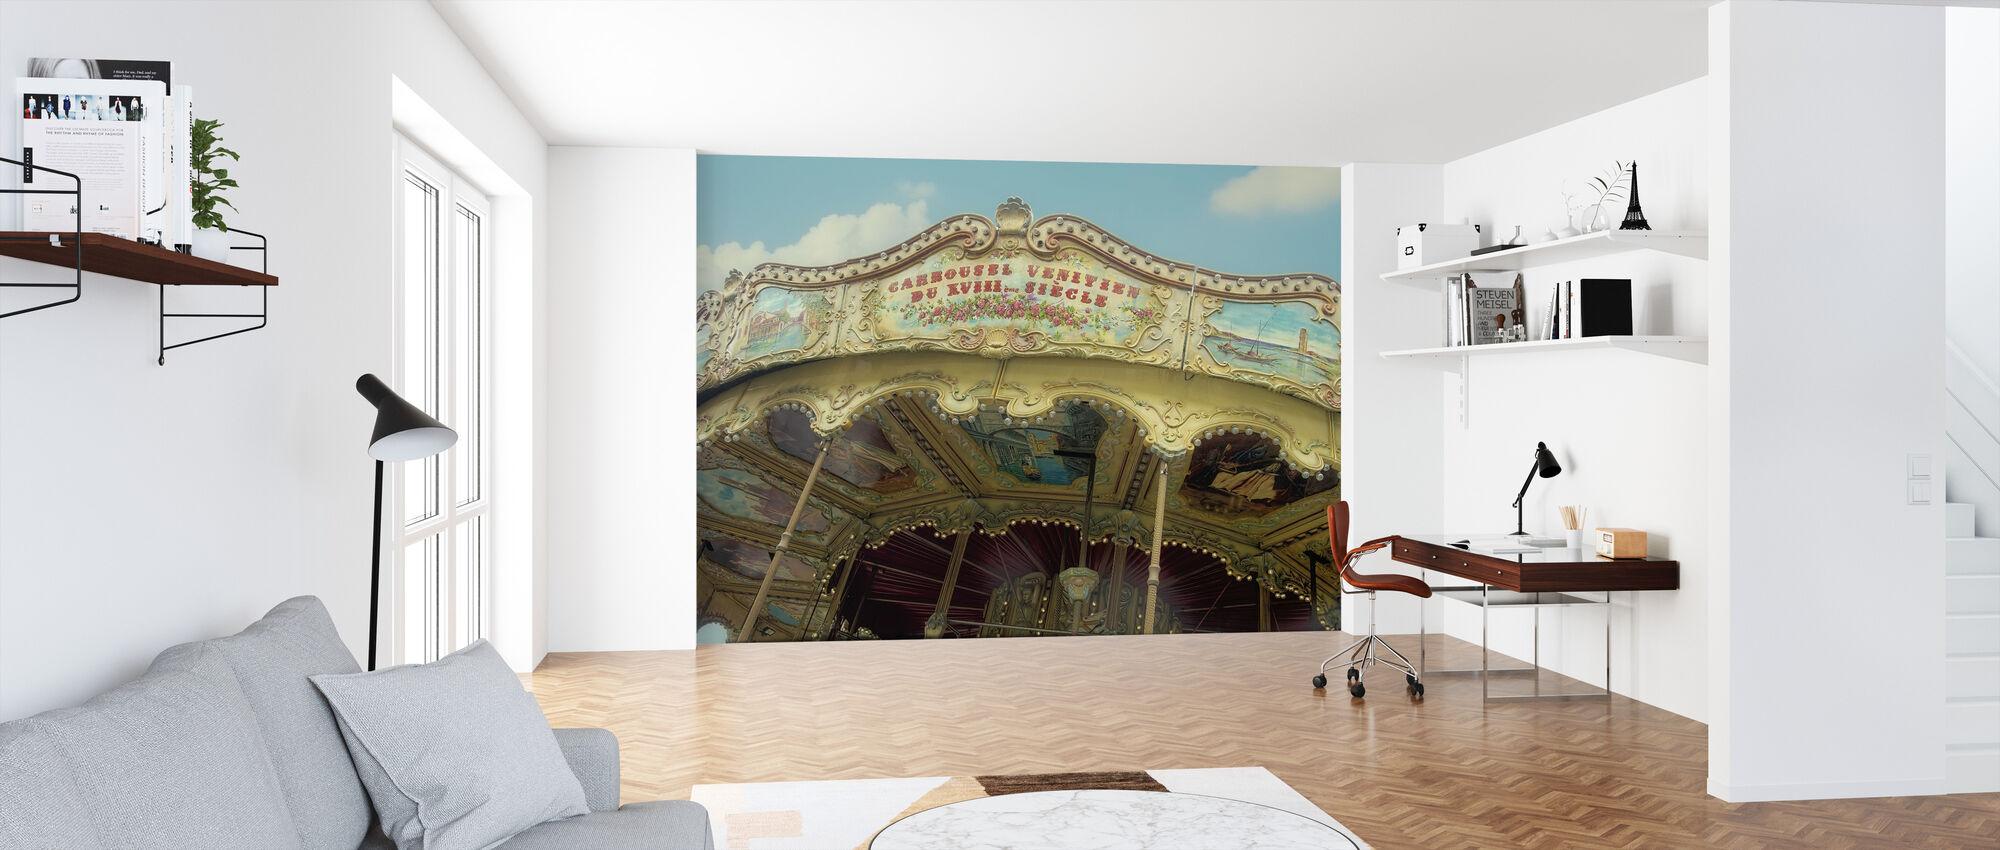 Carrousel Venitien Parijs - Behang - Kantoor